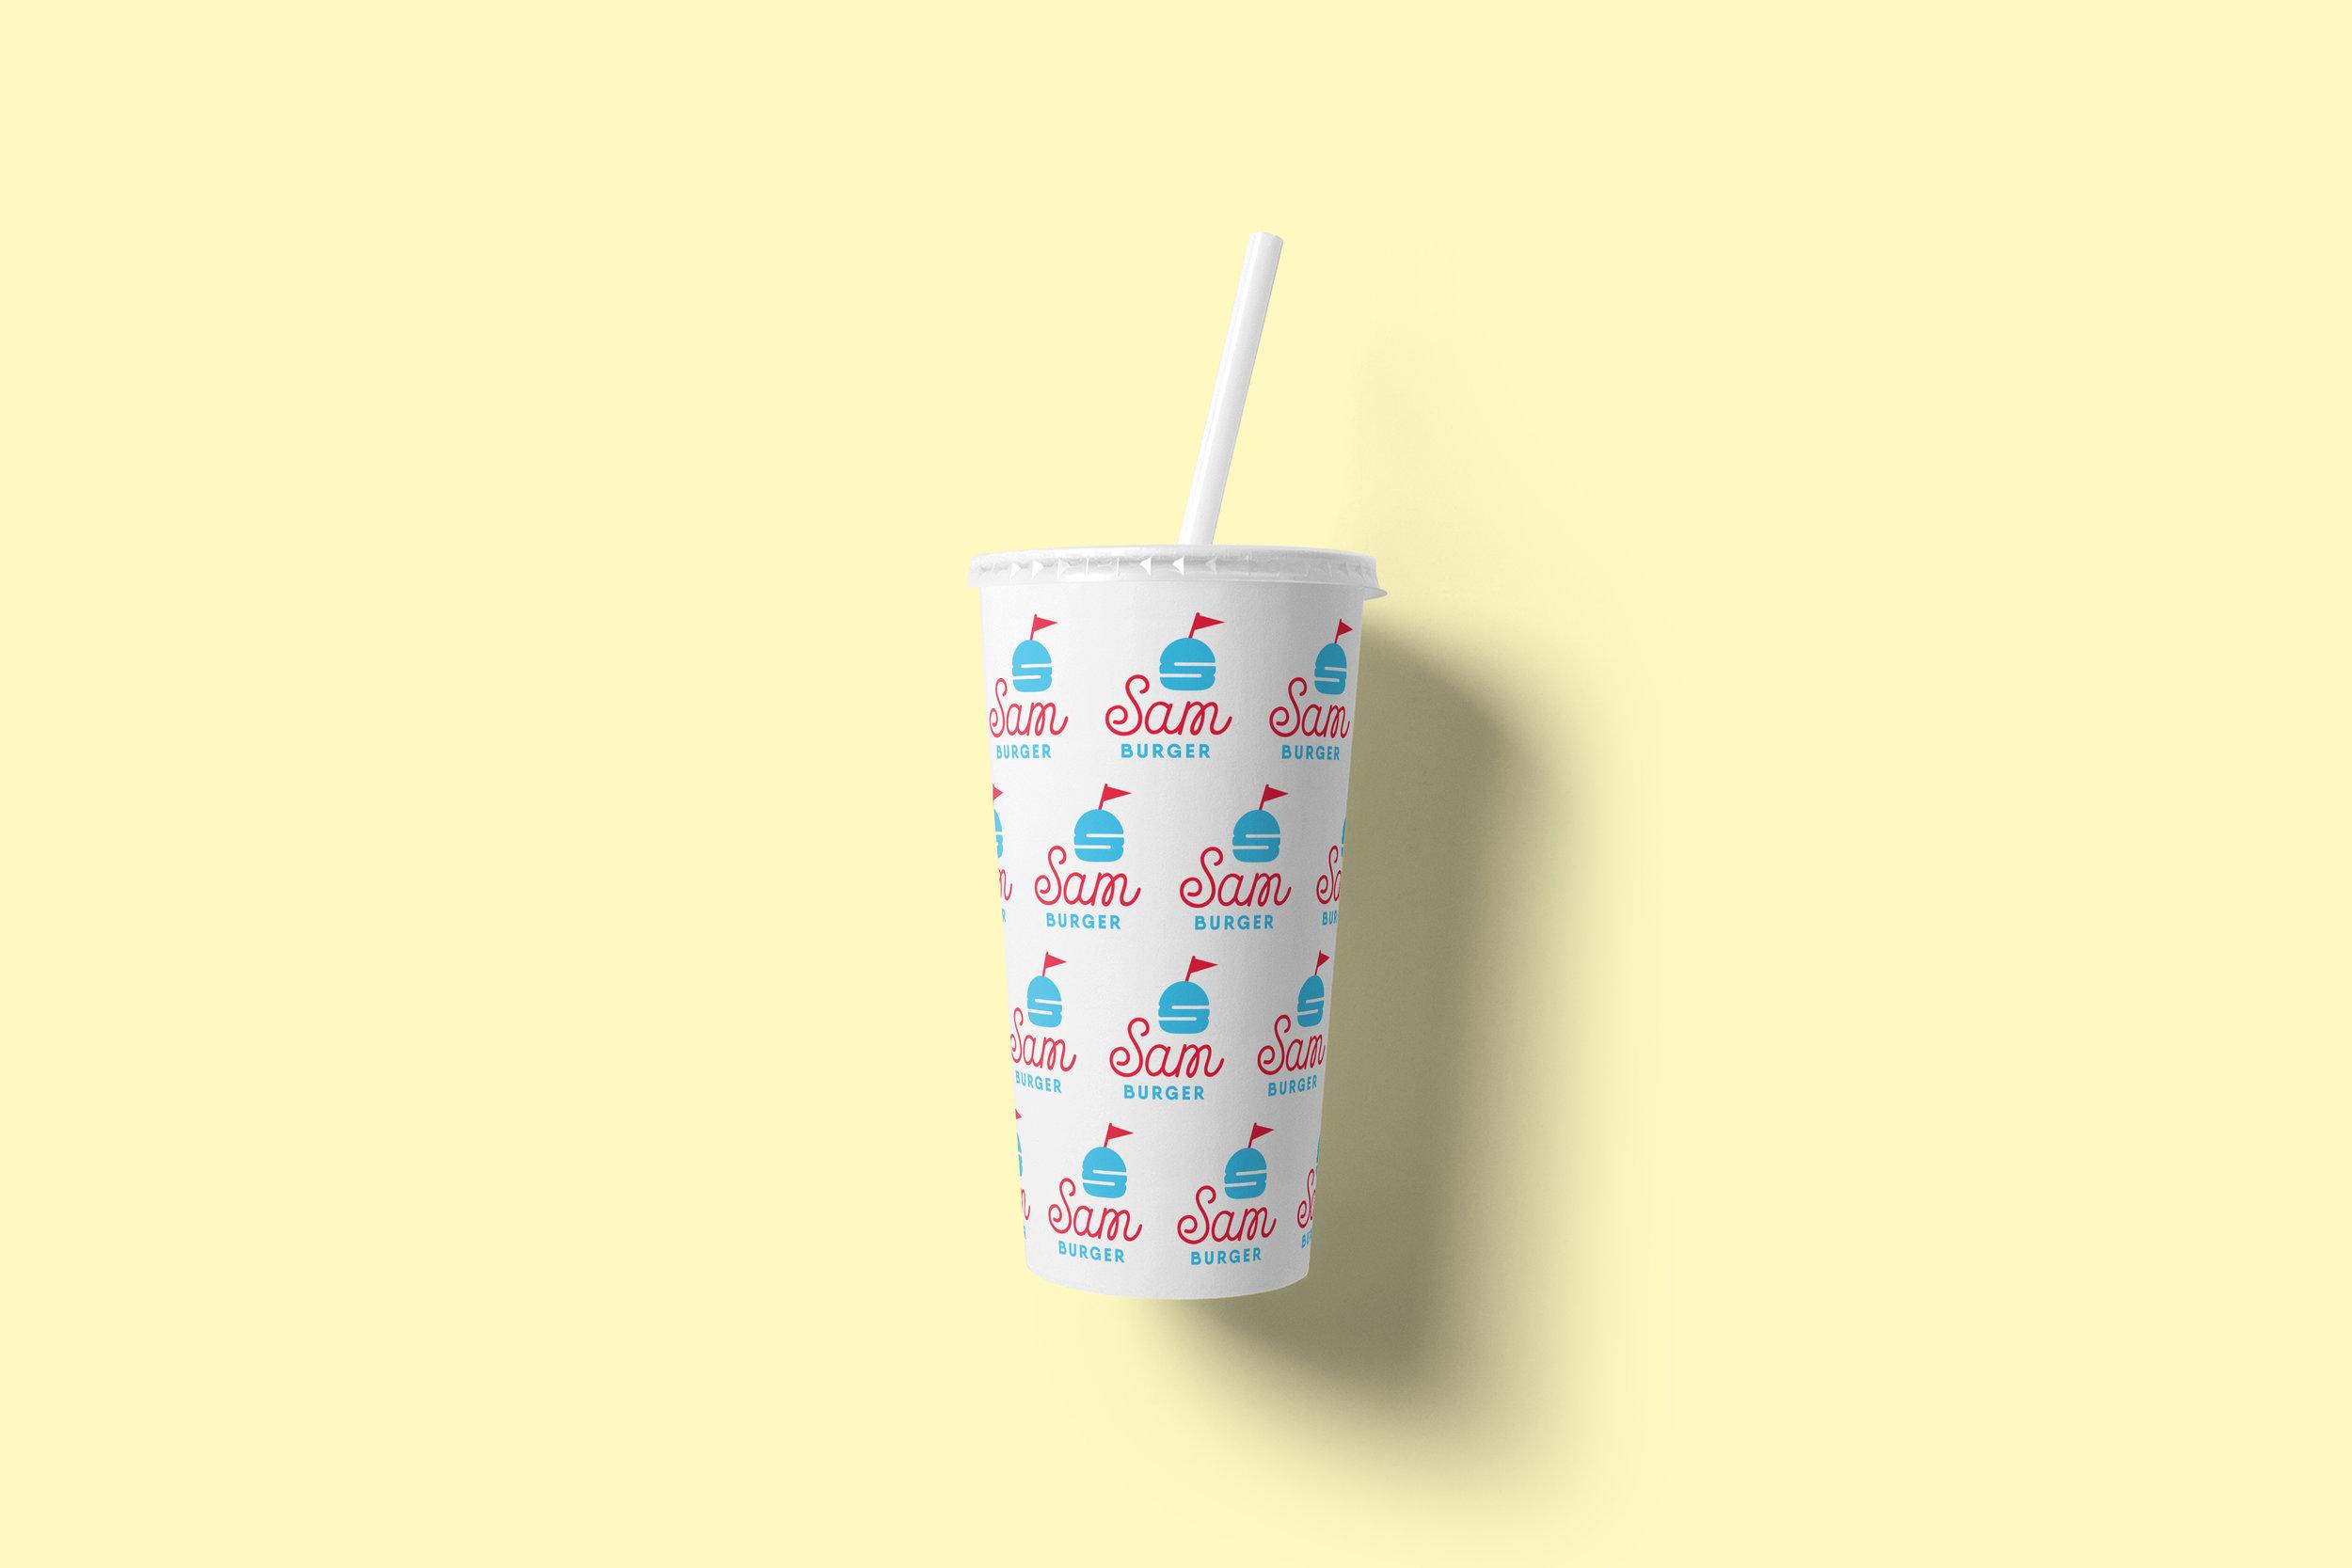 Samburger_Cup.jpg